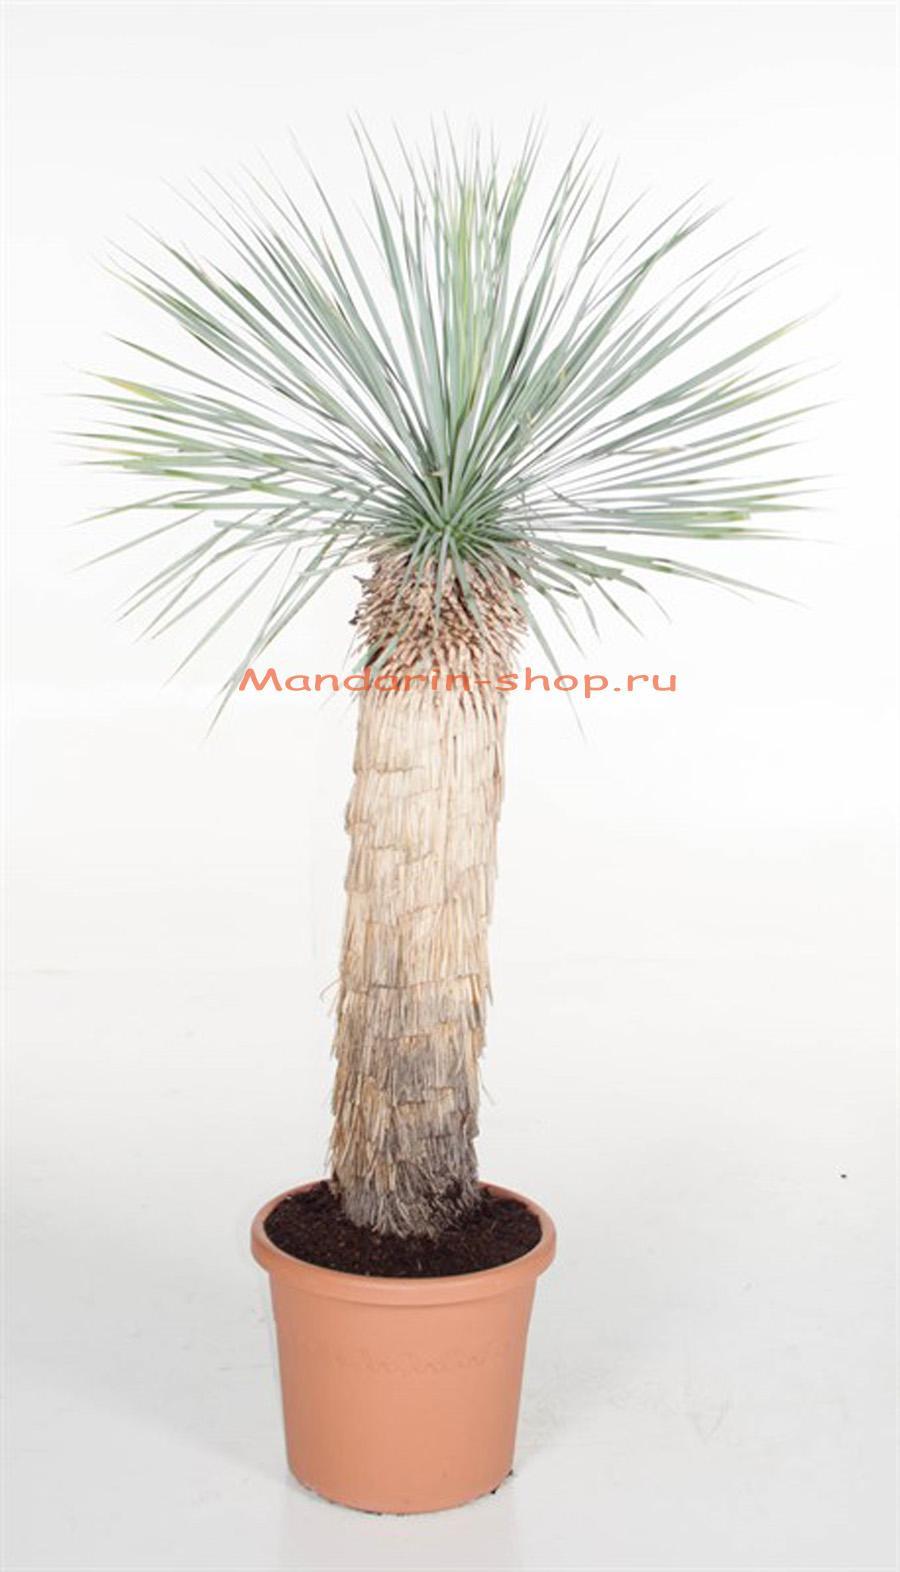 Как правильно ухаживать за пальмой юкка в домашних условиях 89